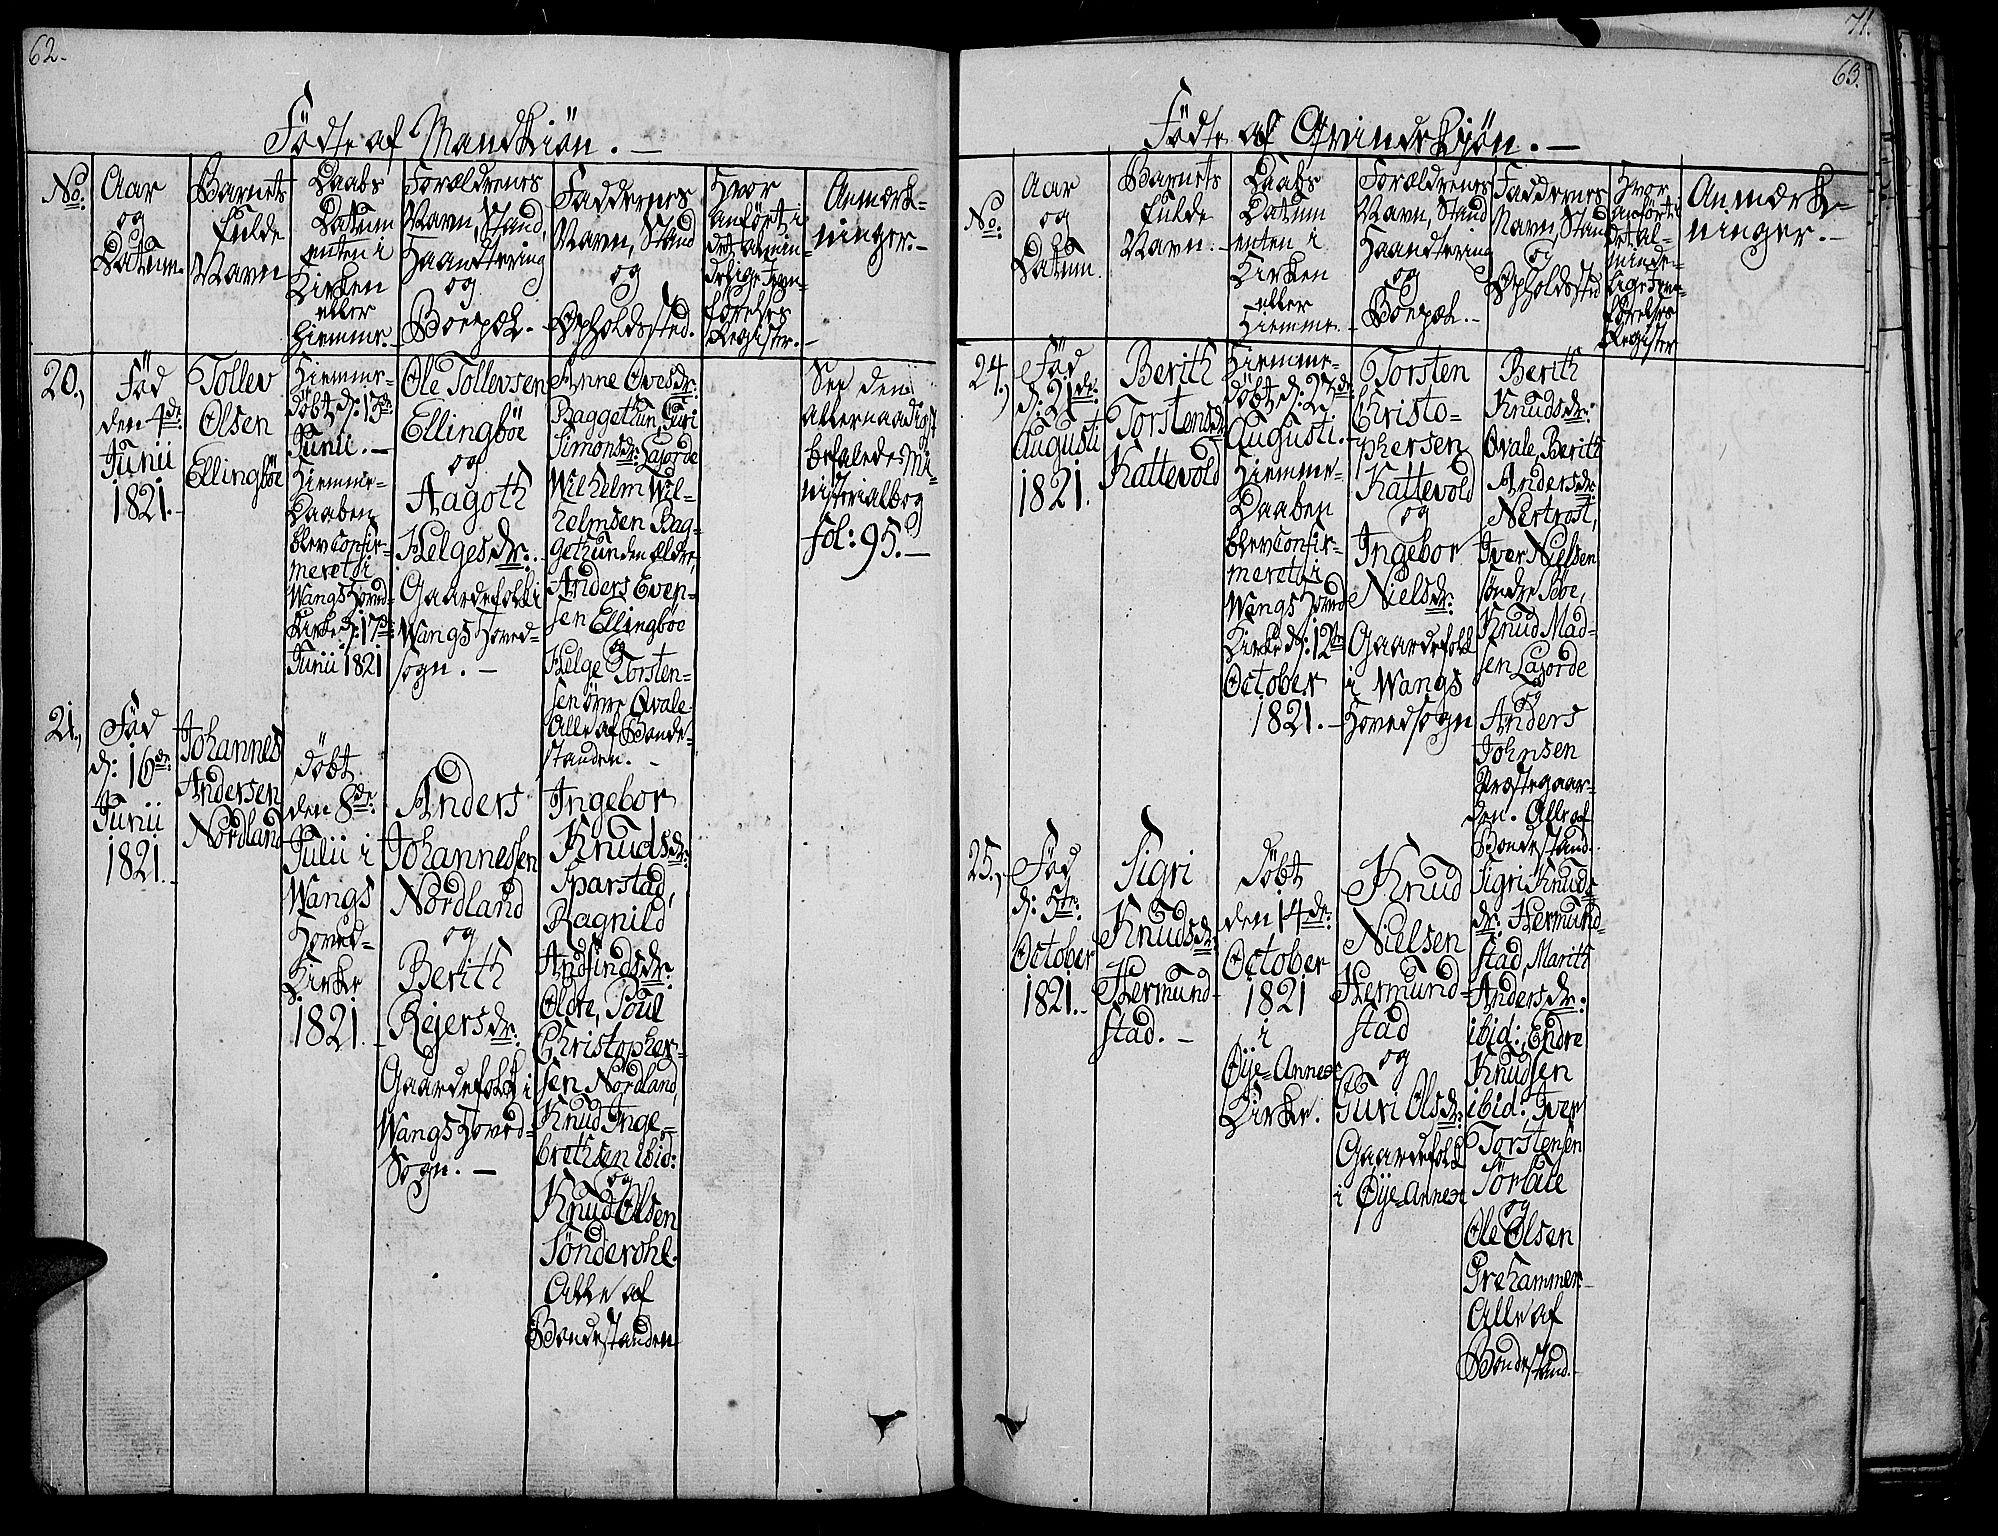 SAH, Vang prestekontor, Valdres, Ministerialbok nr. 3, 1809-1831, s. 62-63